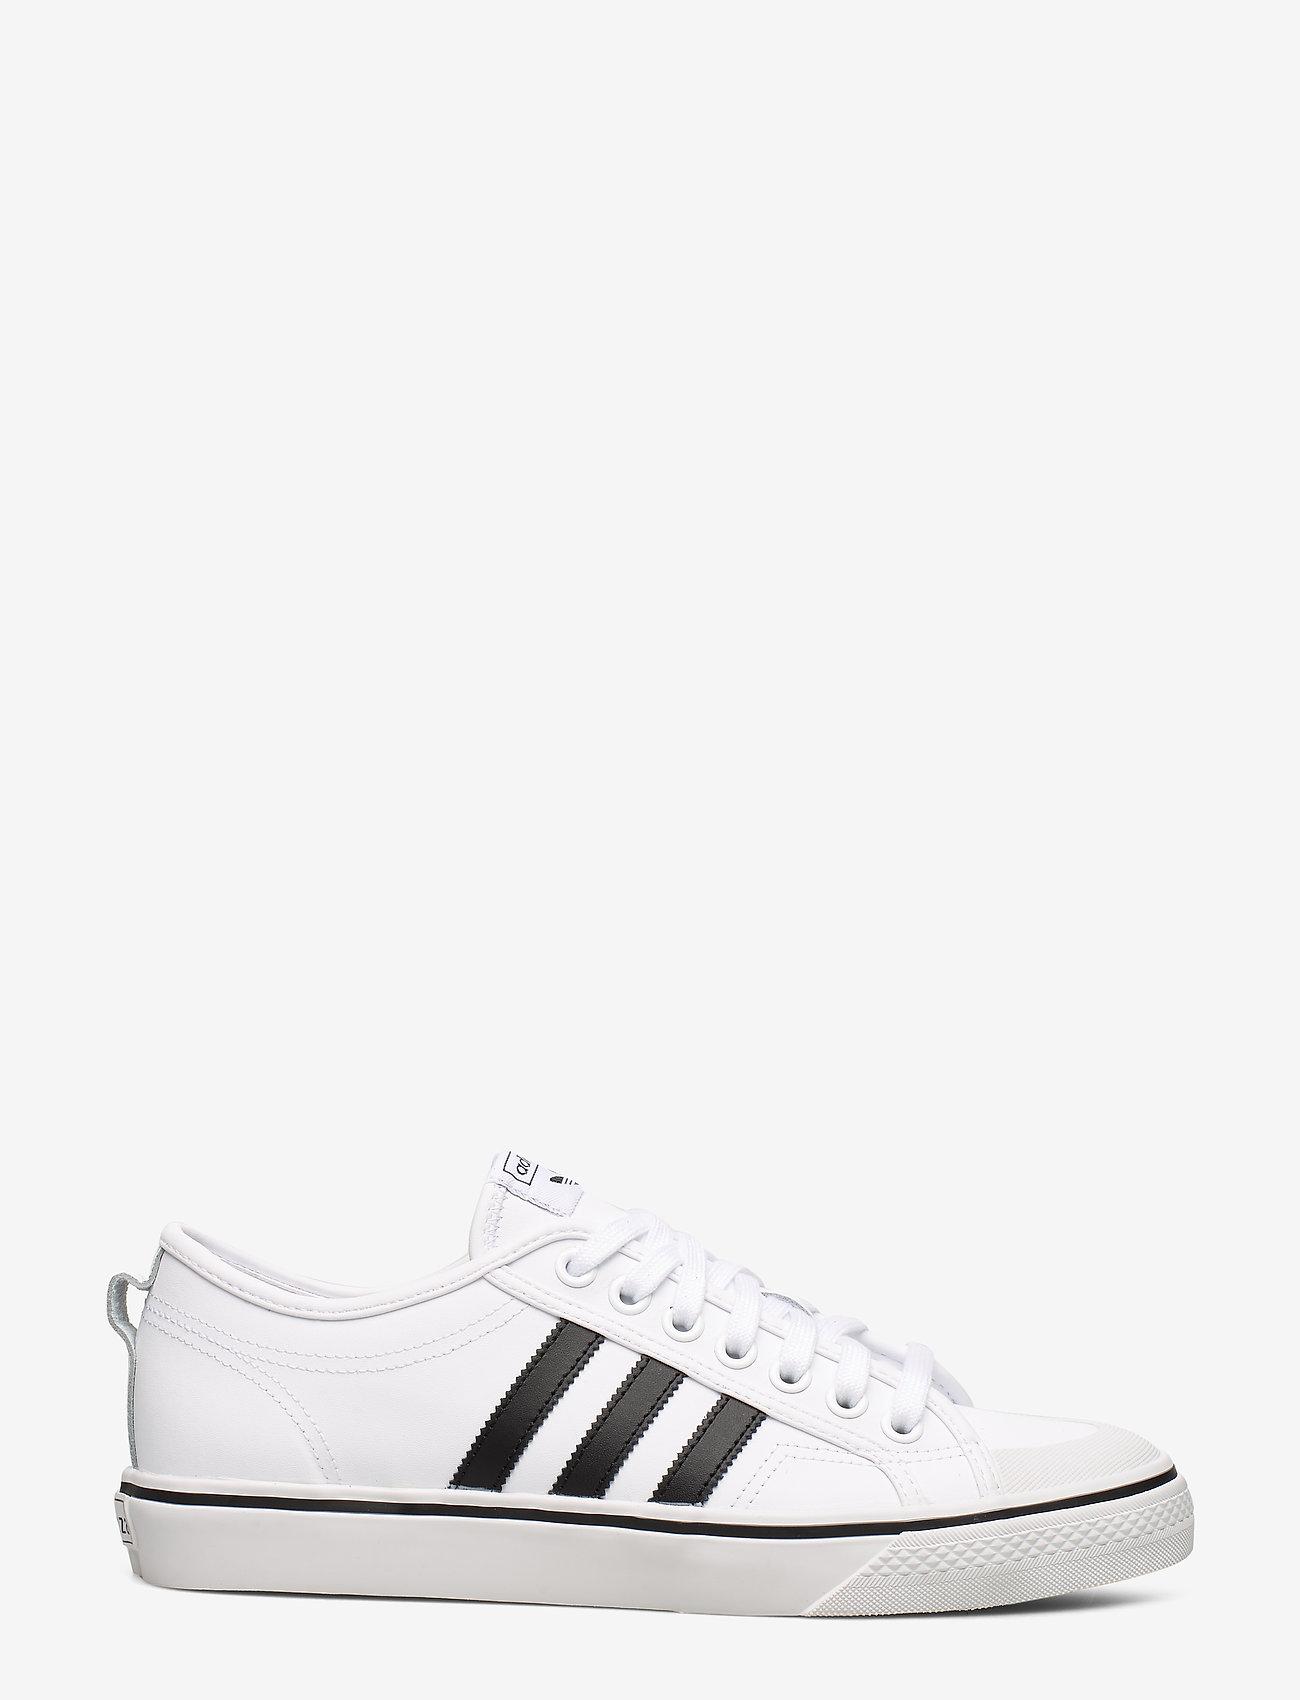 Adidas Originals Nizza - Sneakers